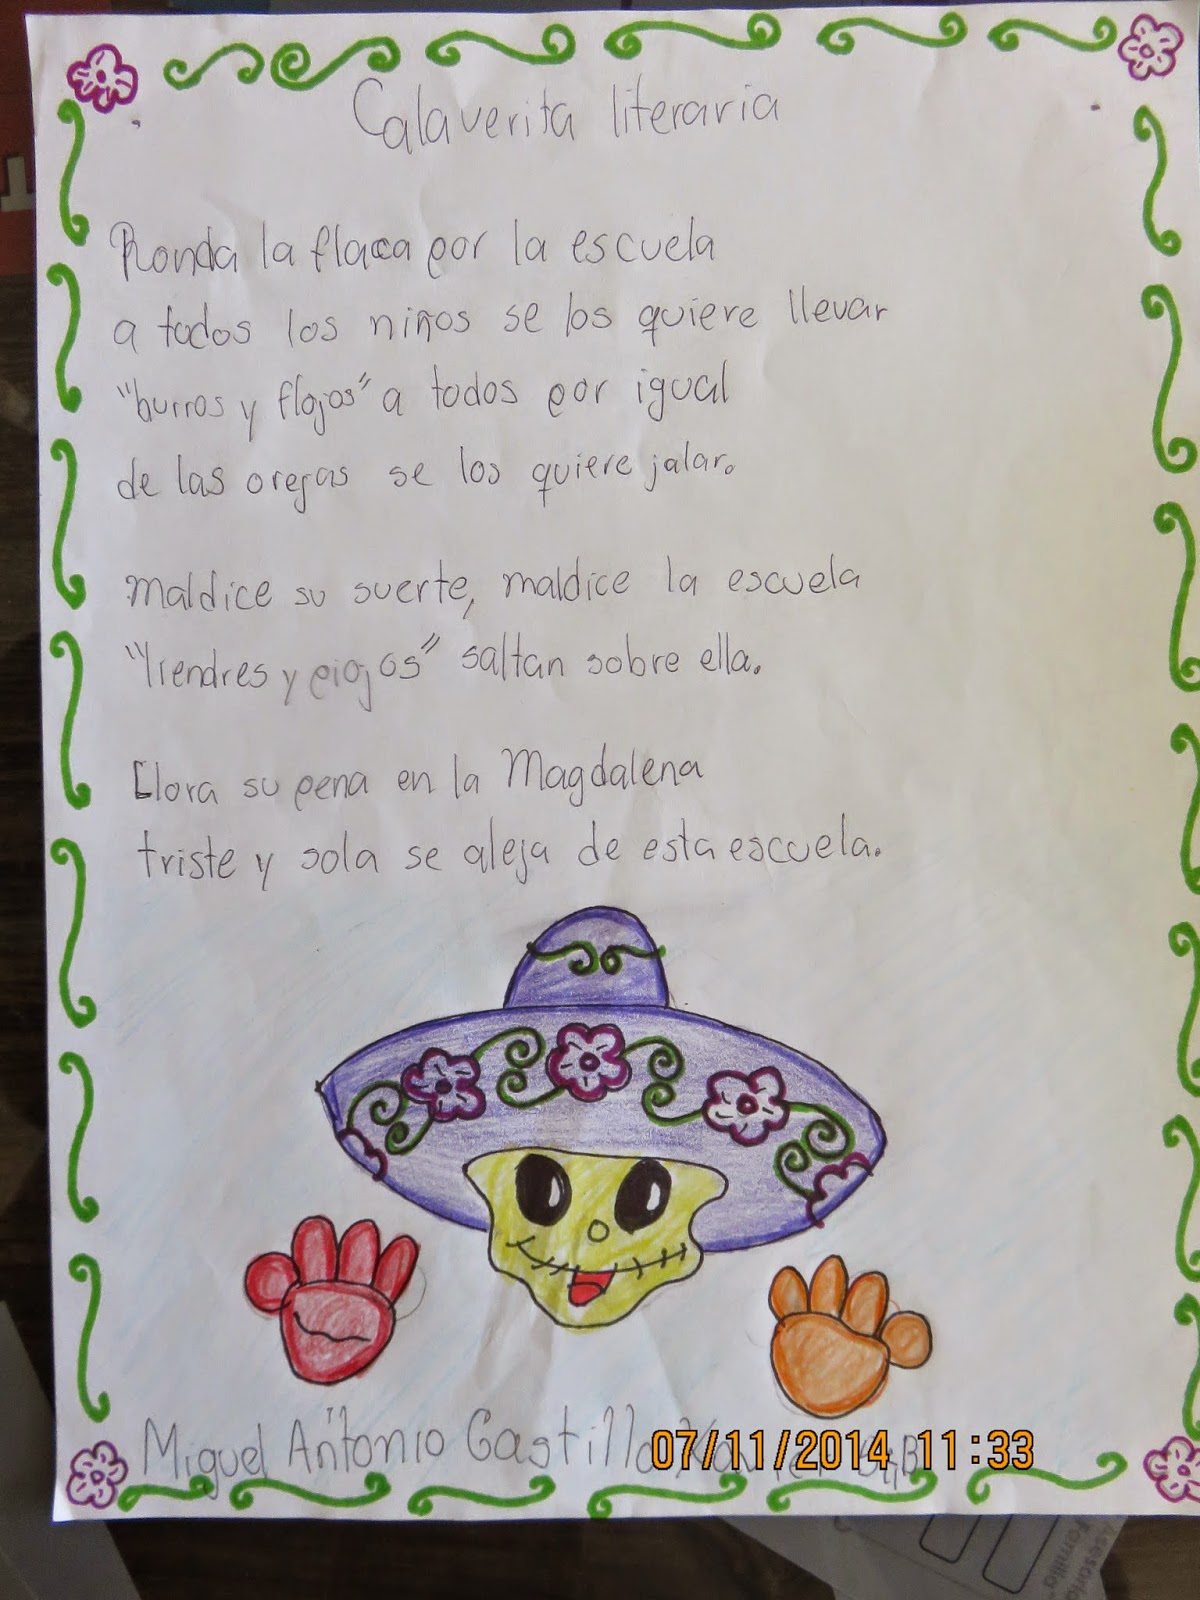 Concurso de calaveras literarias escuela primaria for Concurso para maestros